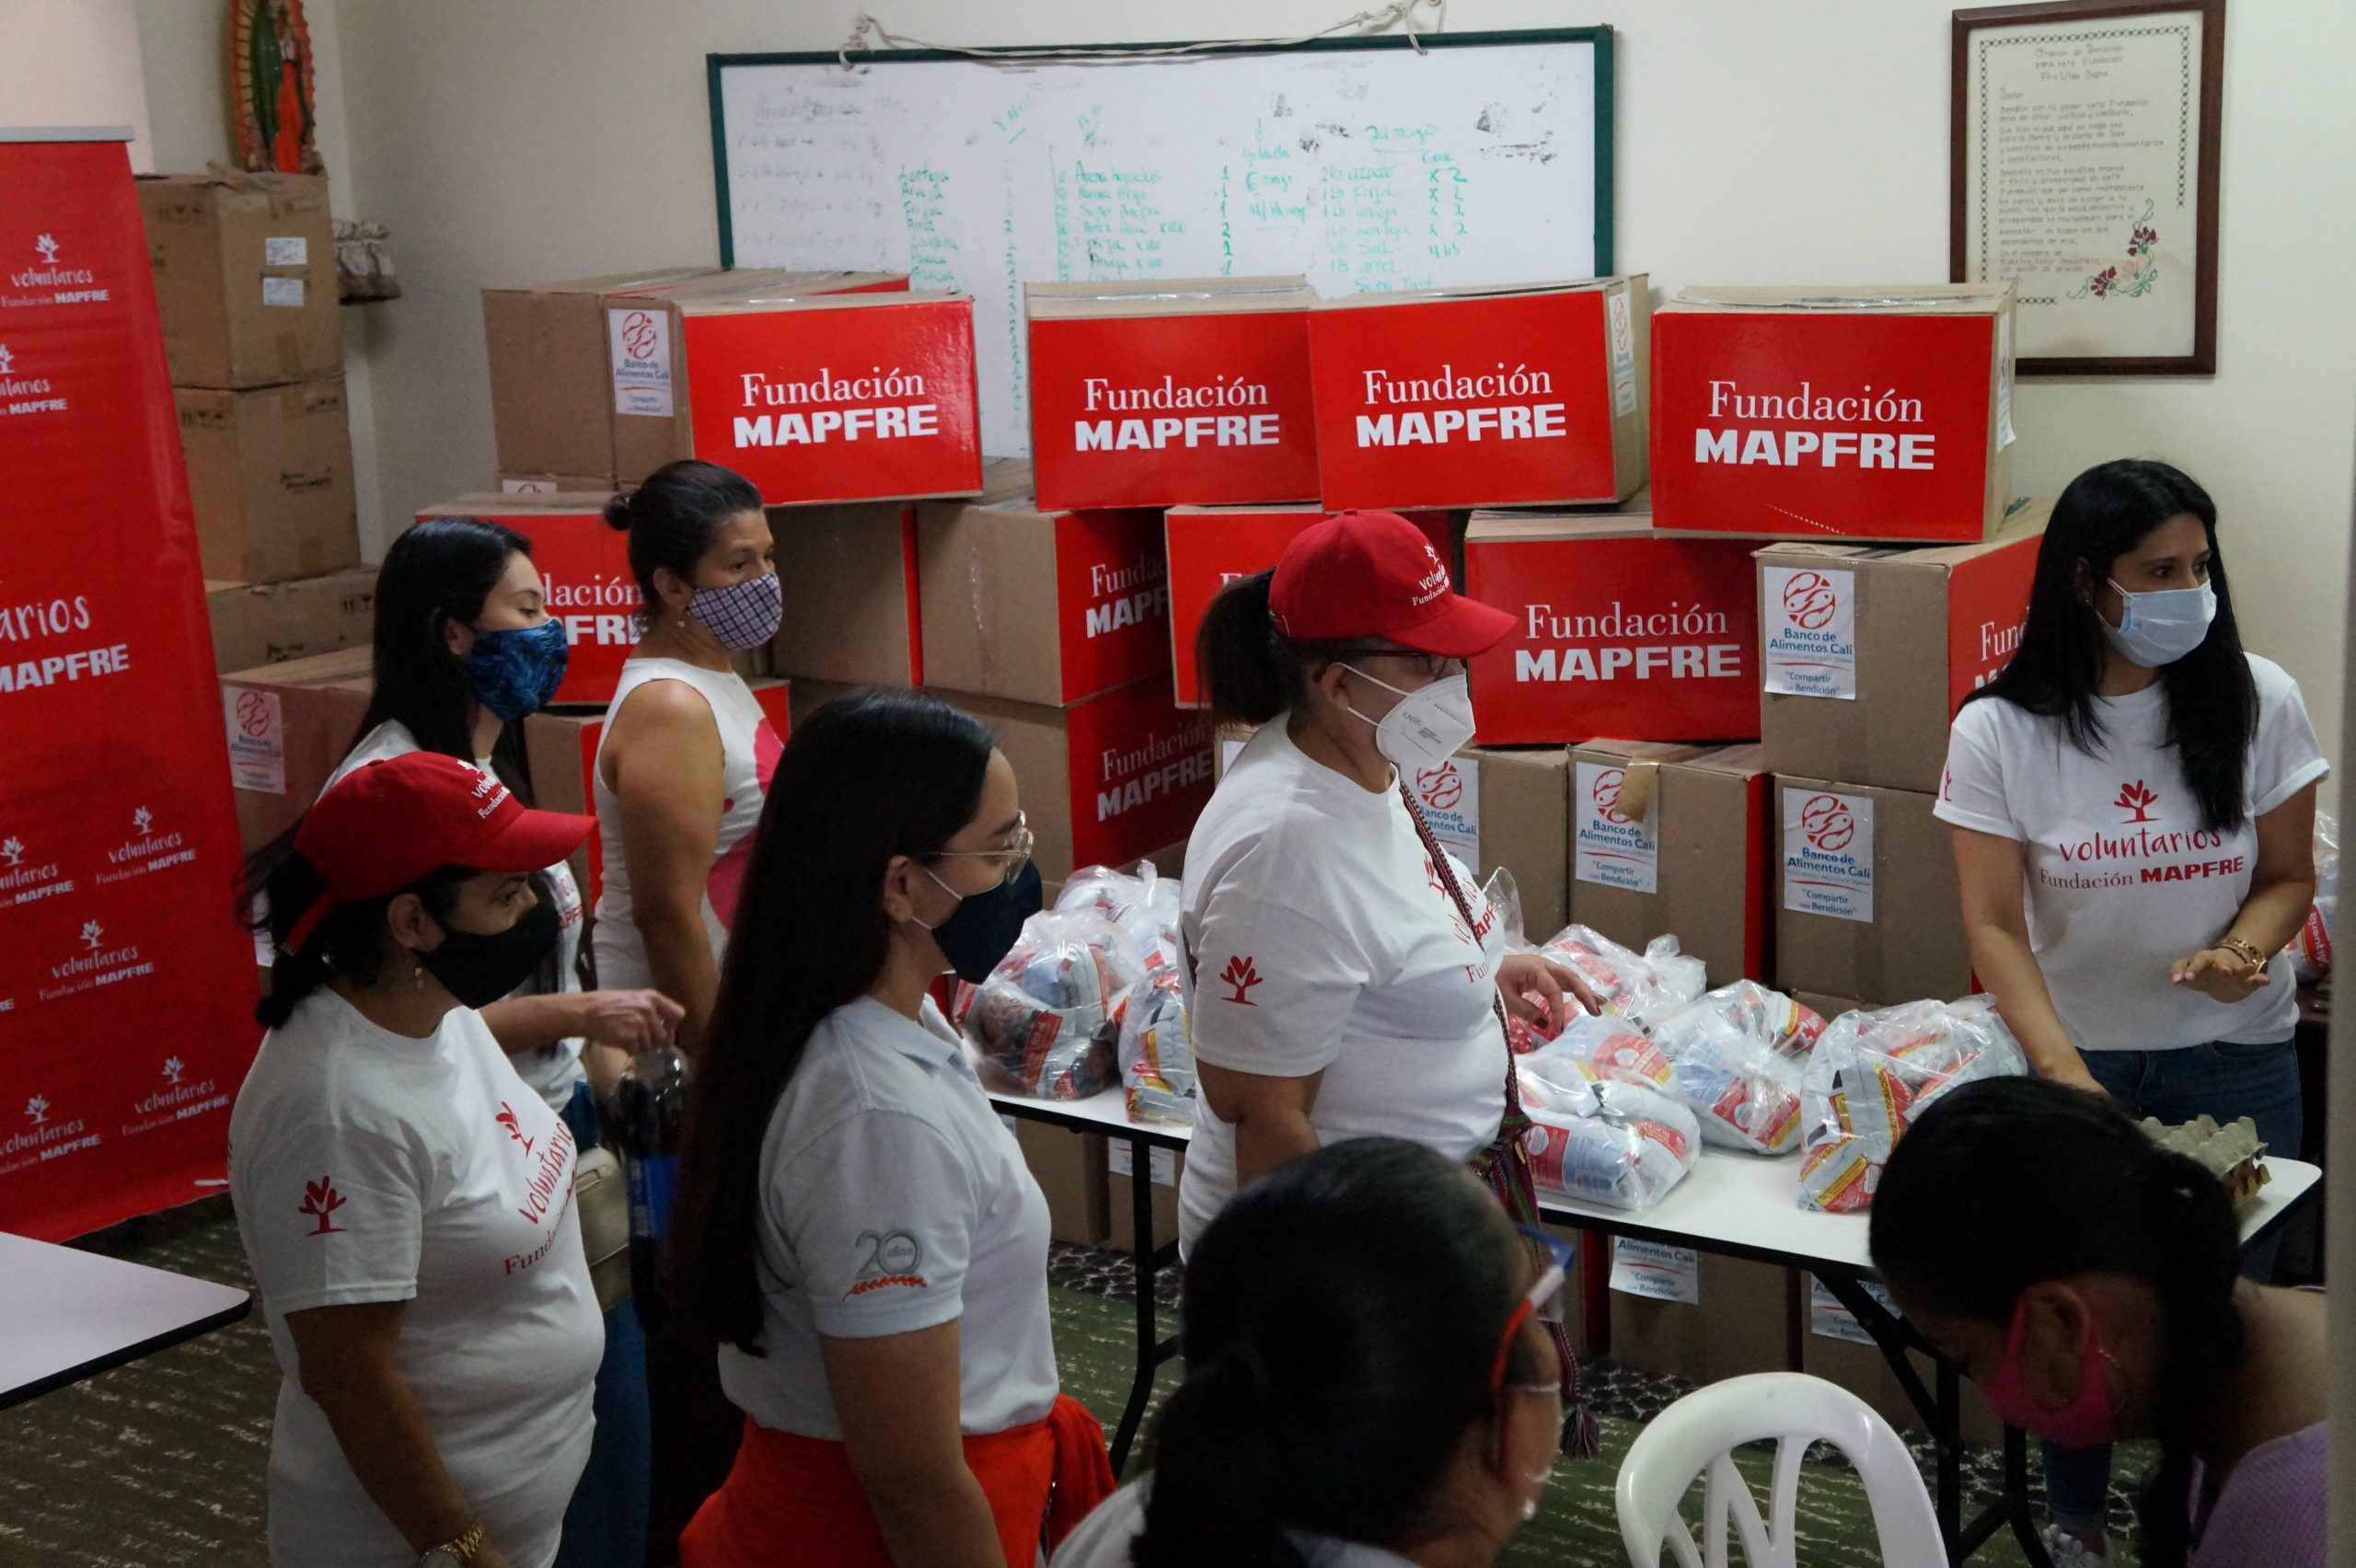 Entrega Donaciones Mapfre FUndación pro vida digna Mujeres lactantes (7)